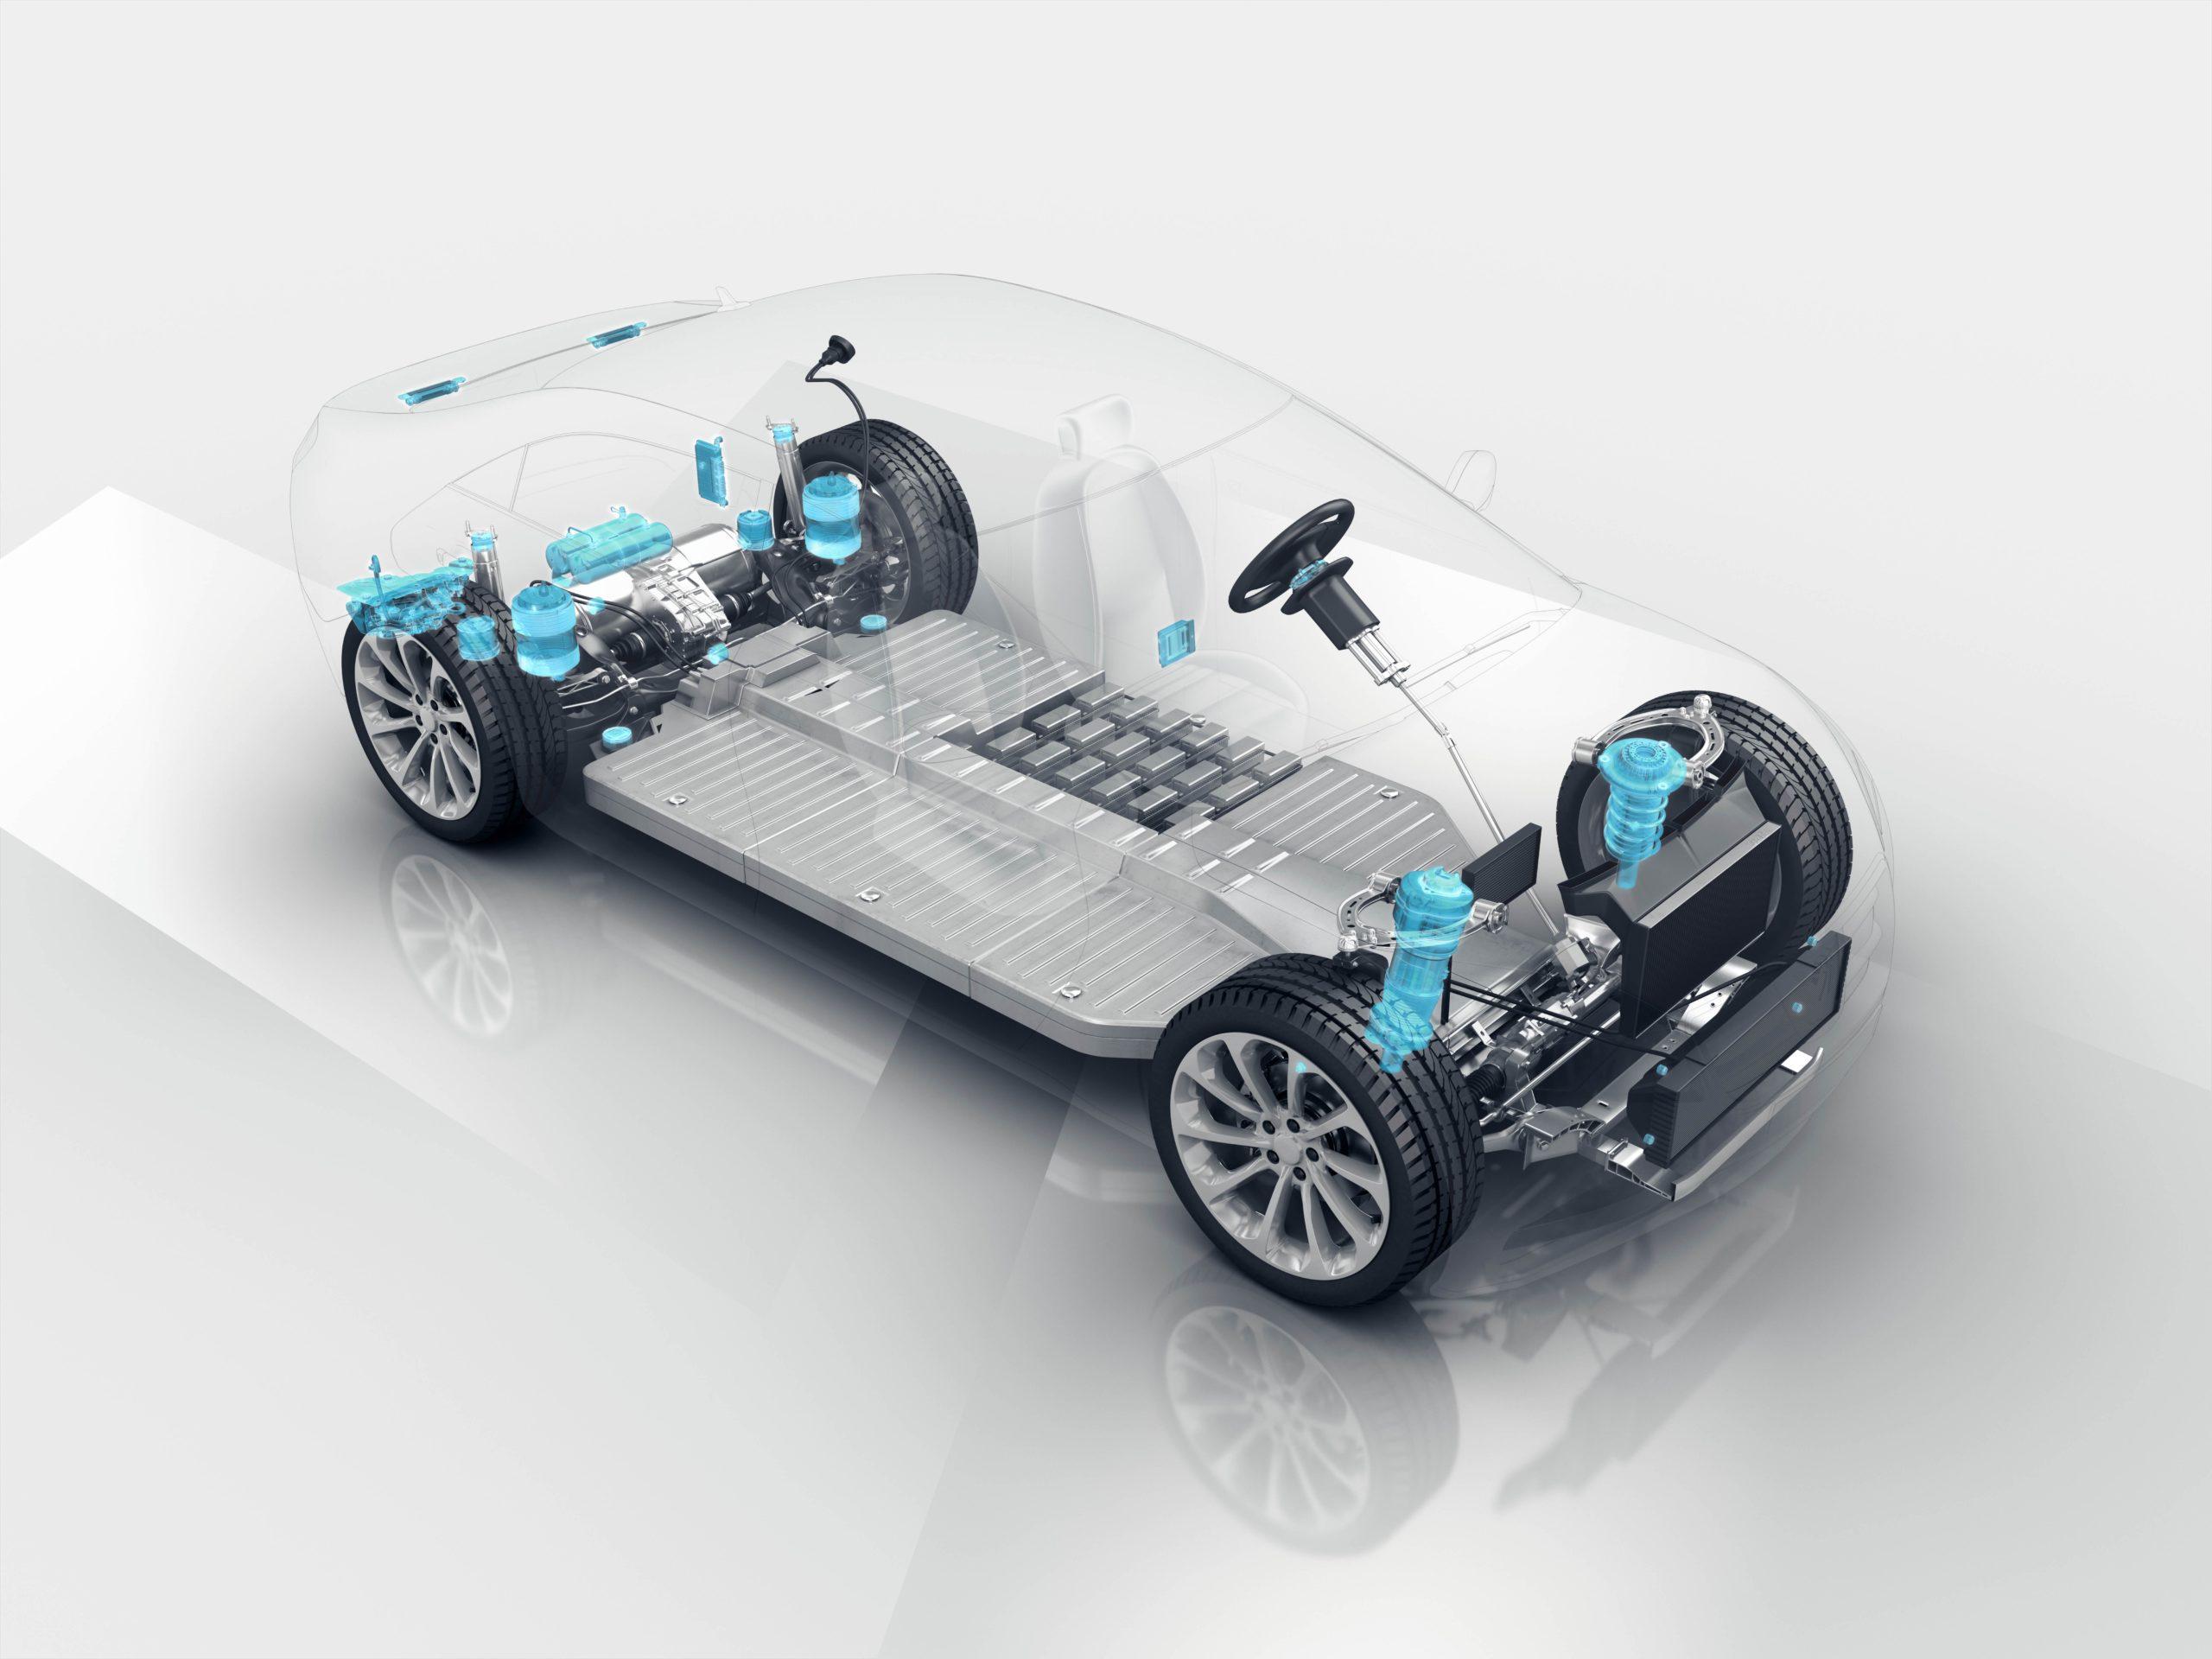 Elektrofahrzeug mit Vibracoustic NVH-Lösungen